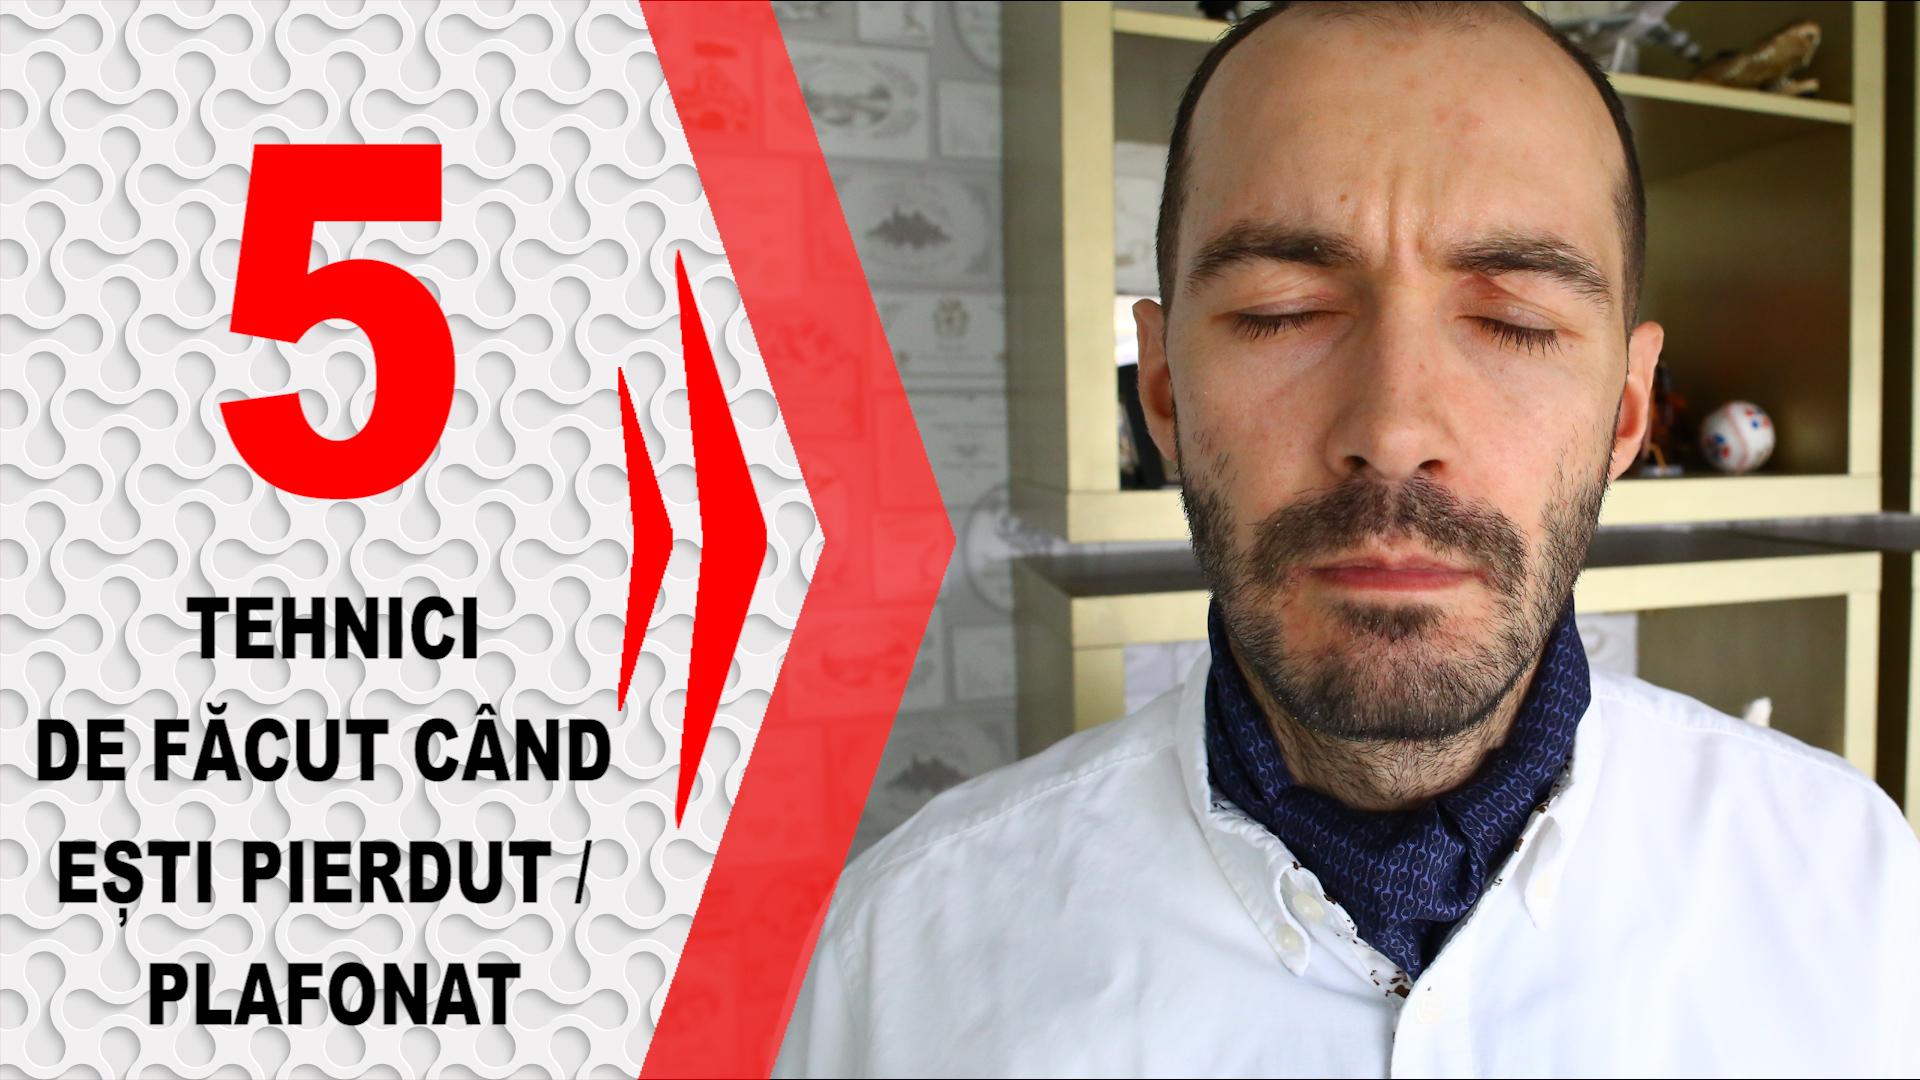 5 Tehnici De Facut Cand Esti Pierdut / Plafonat